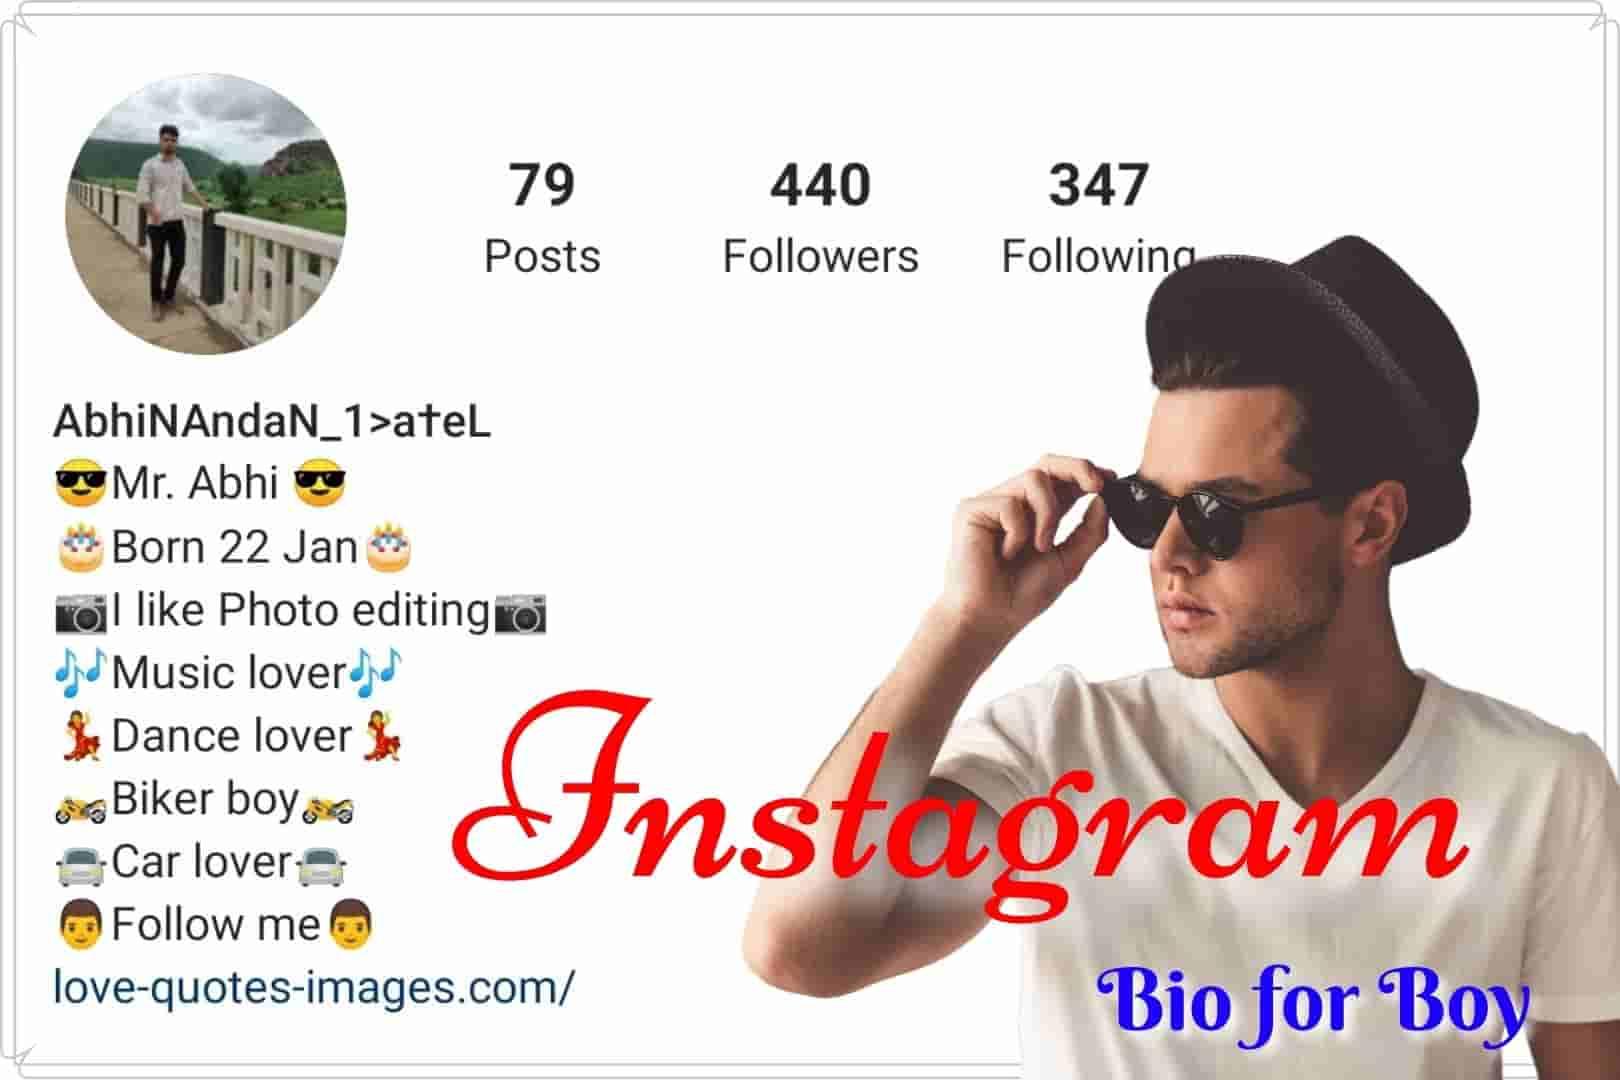 Bio for Instagram for boys